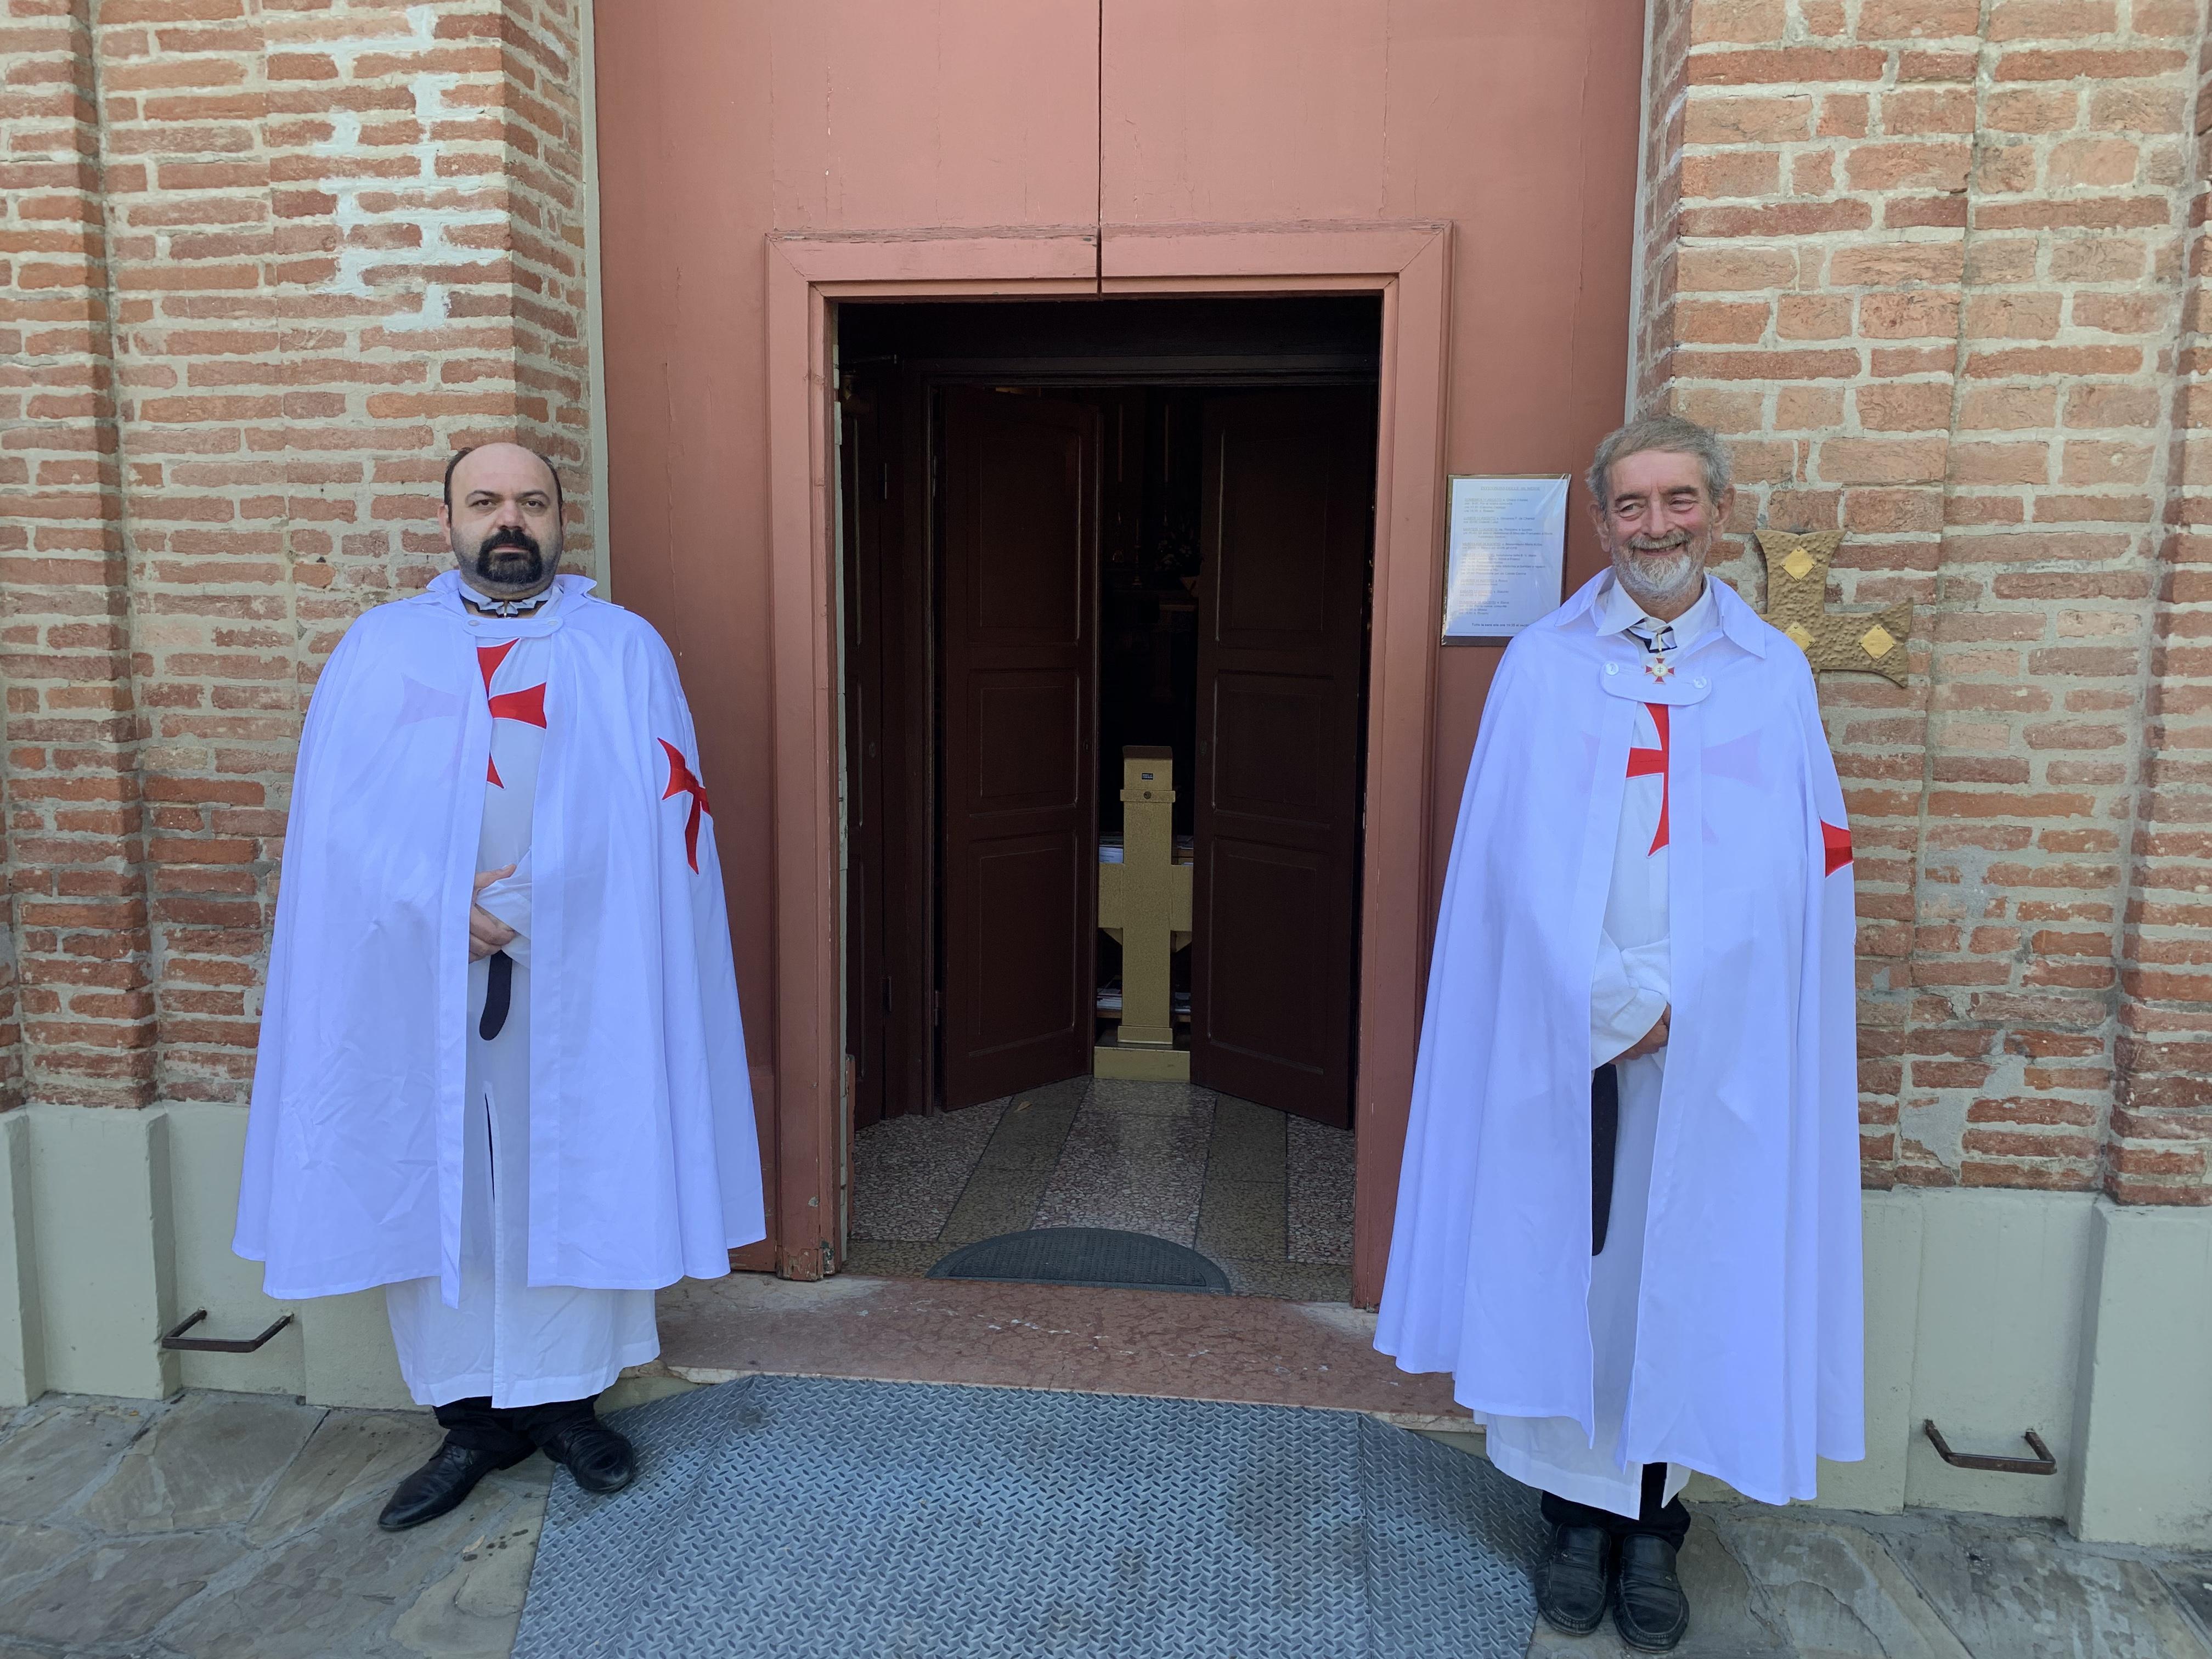 Gazebo con banchetto e custodia della Chiesa di Pontesanto Imola (BO) – 10-11 agosto 2019